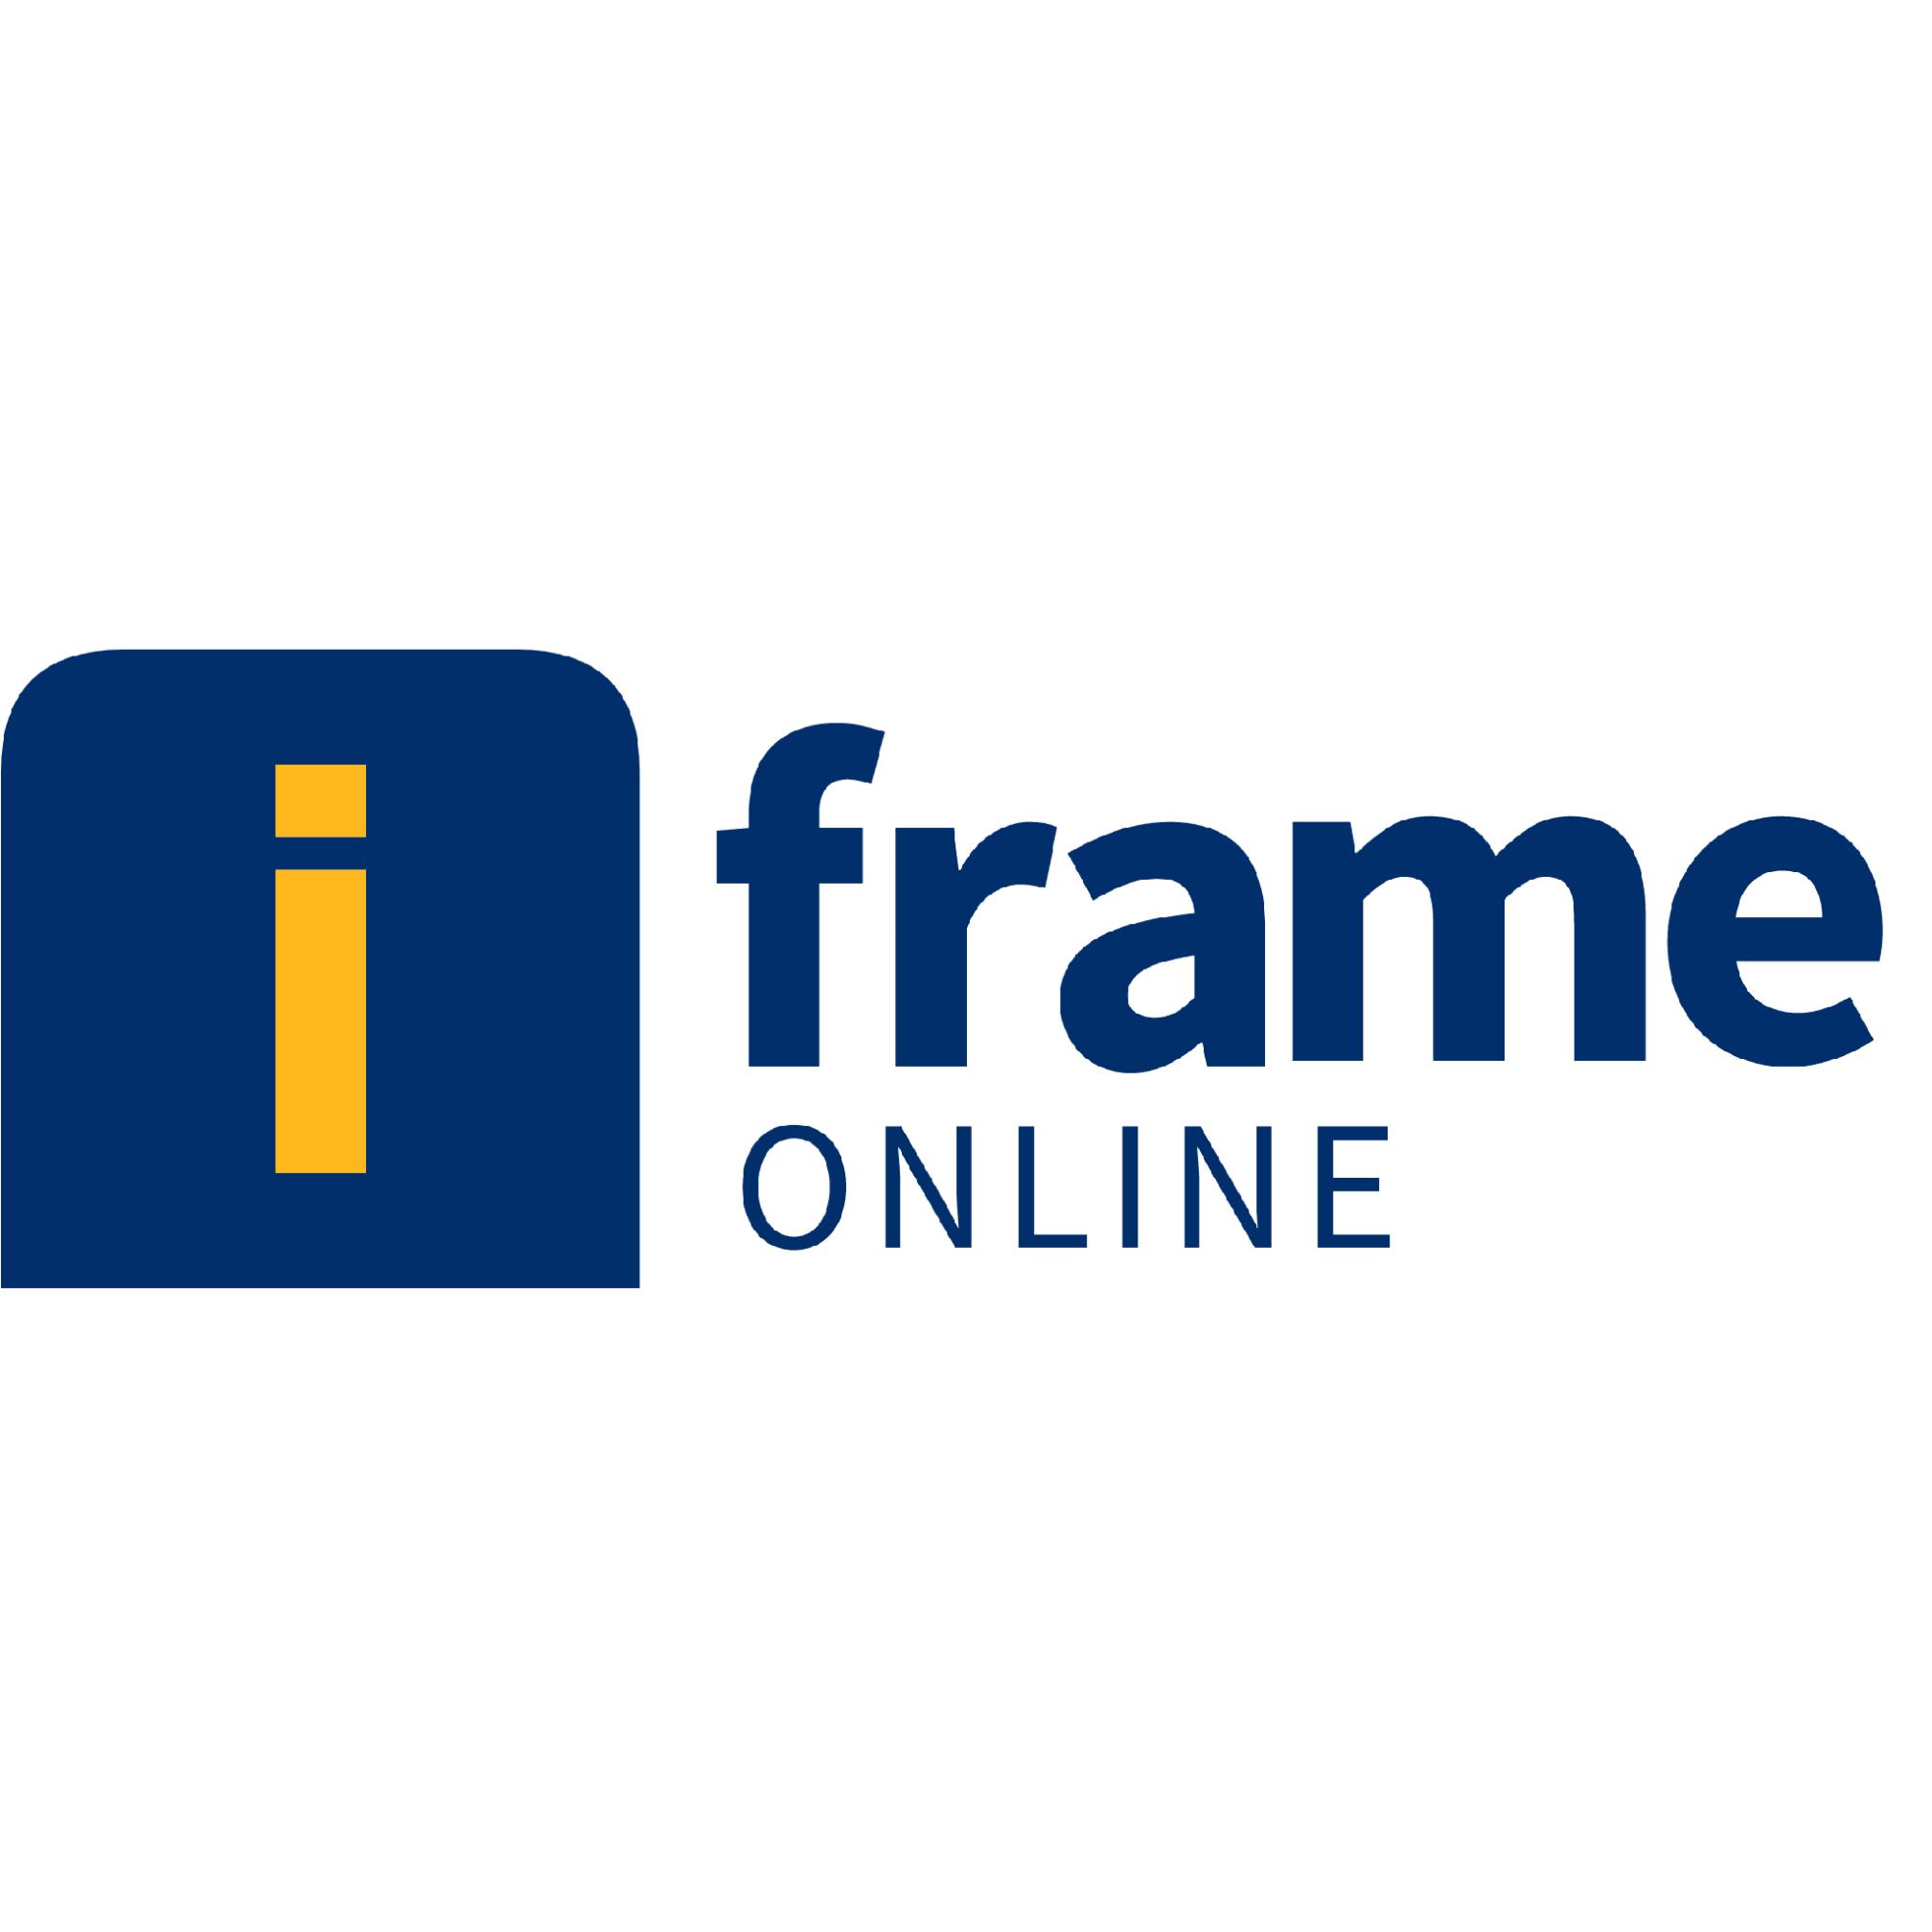 Iframe Online Ltd - Llandudno, Gwynedd LL30 1AZ - 01492 588435 | ShowMeLocal.com